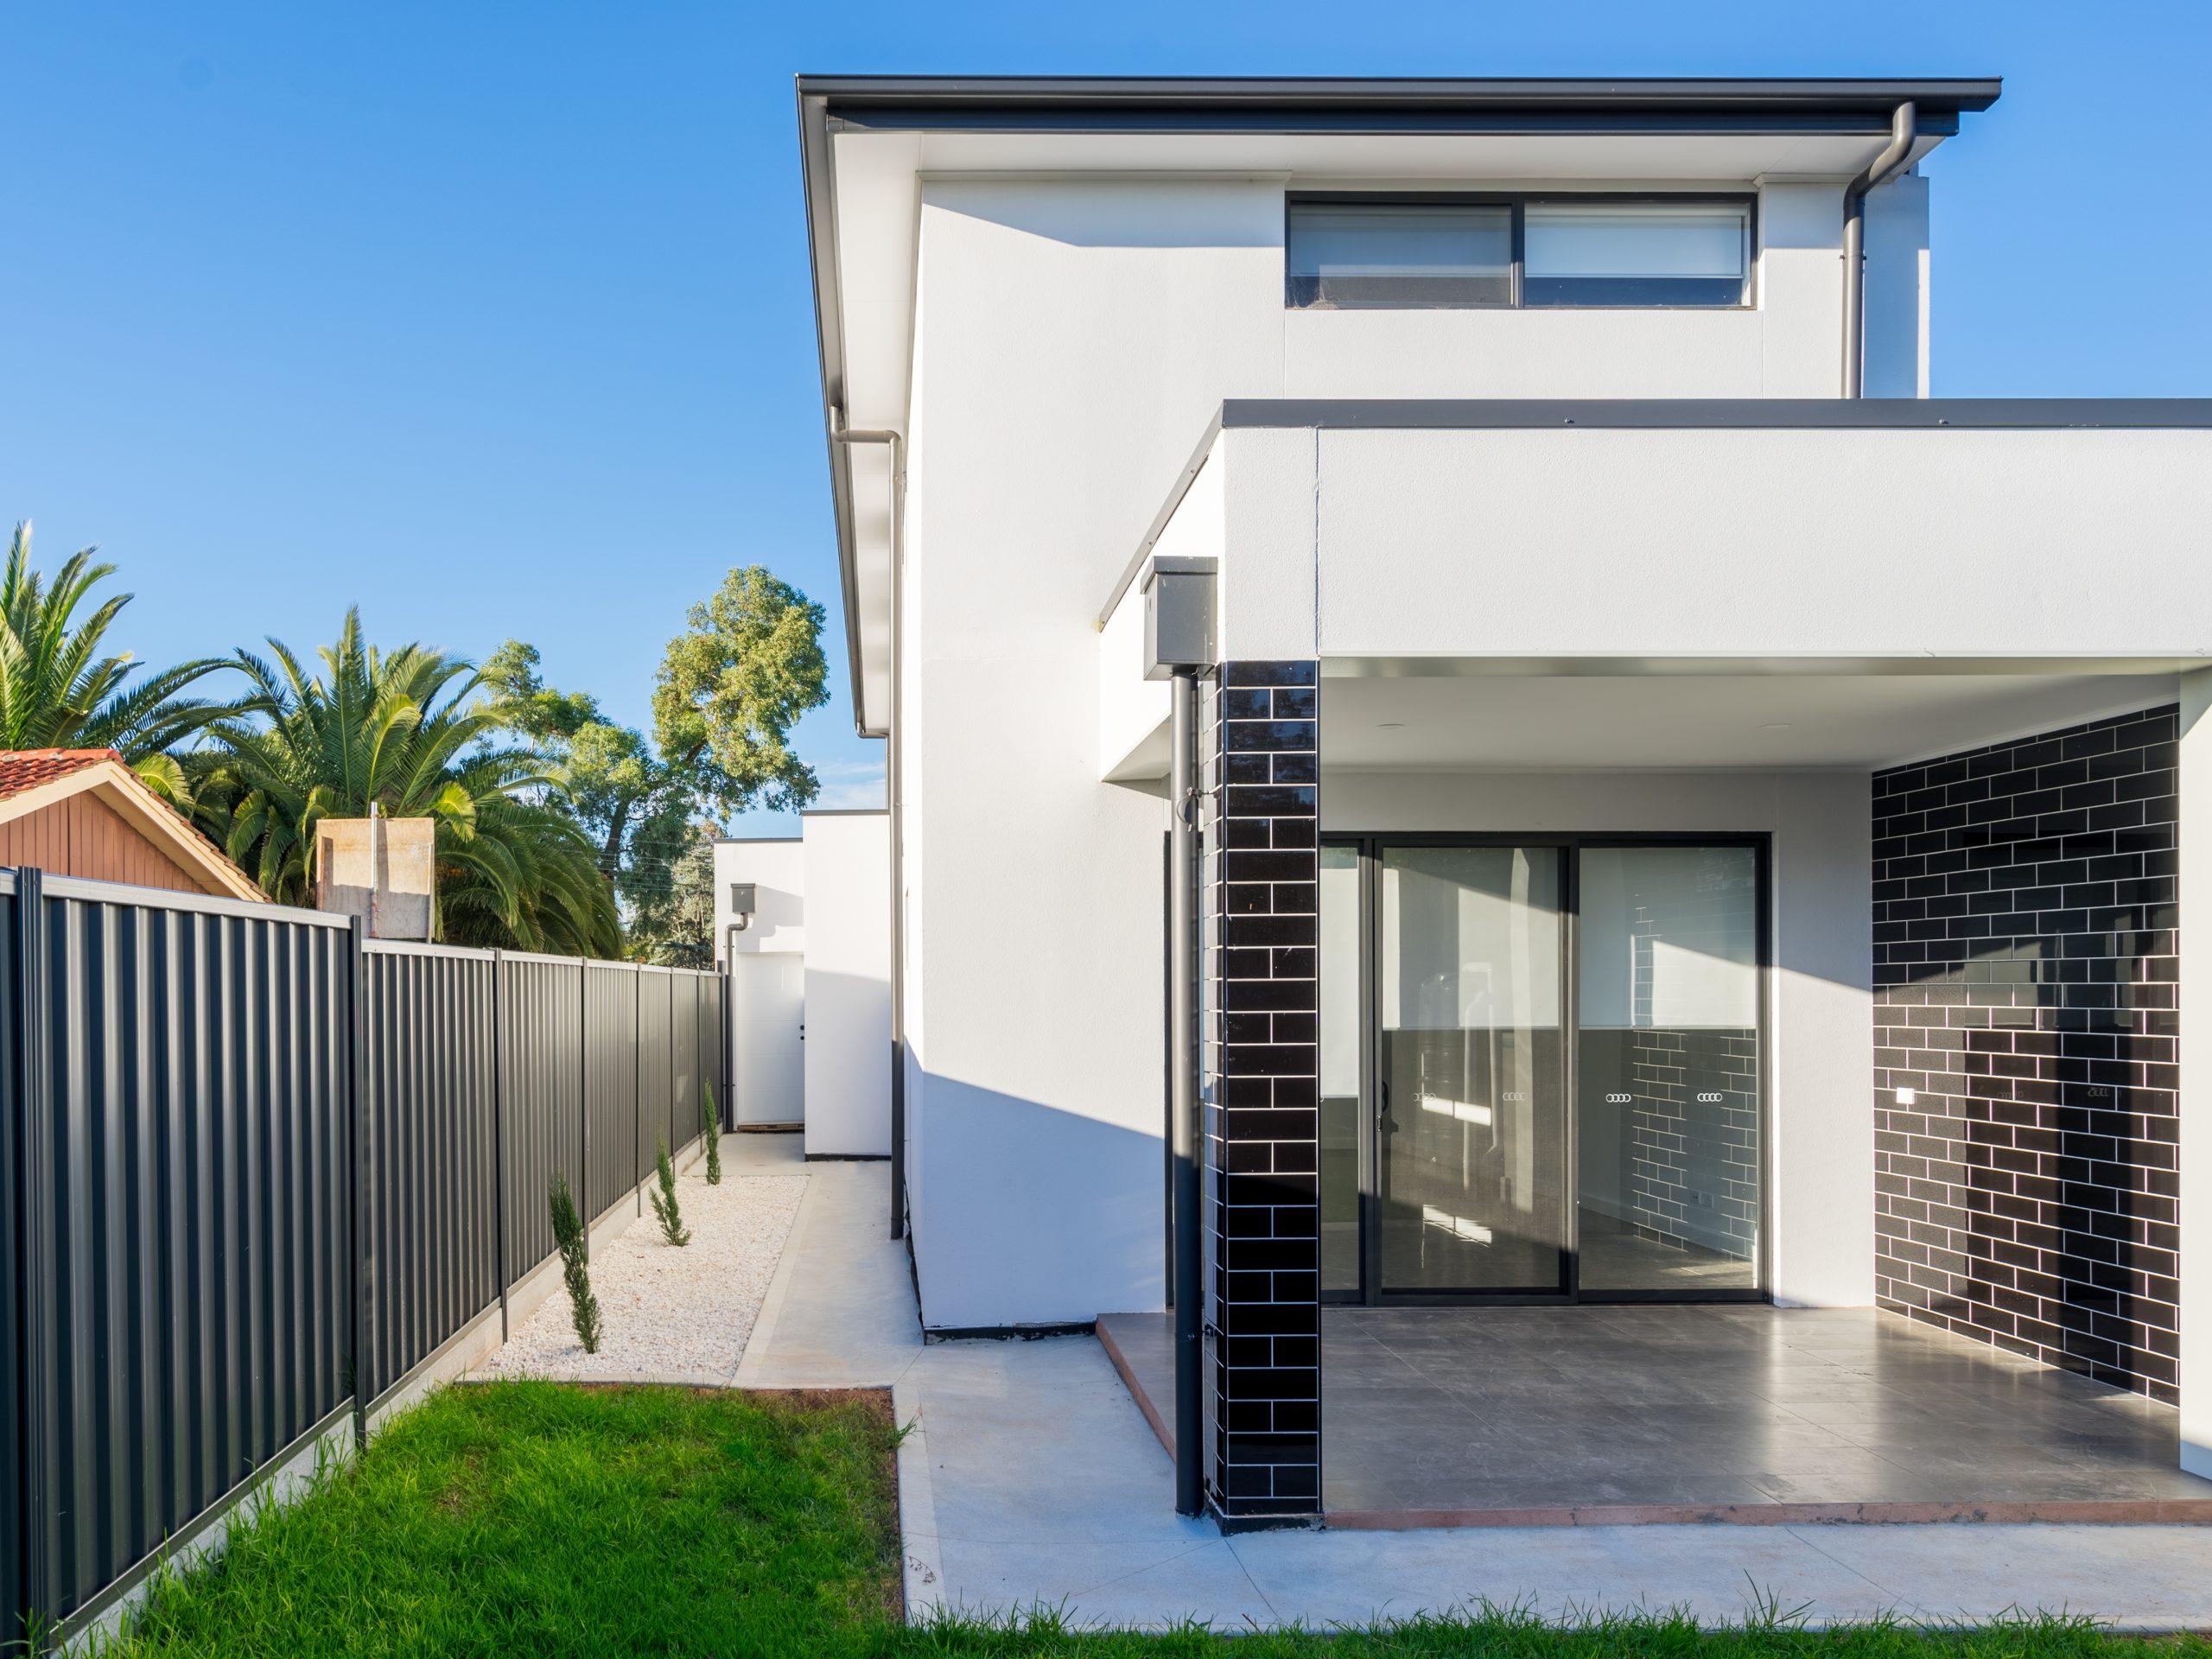 Ingle Farm - Pandanya - HBC Homes Adelaide - DSC00798-HDR-Edit